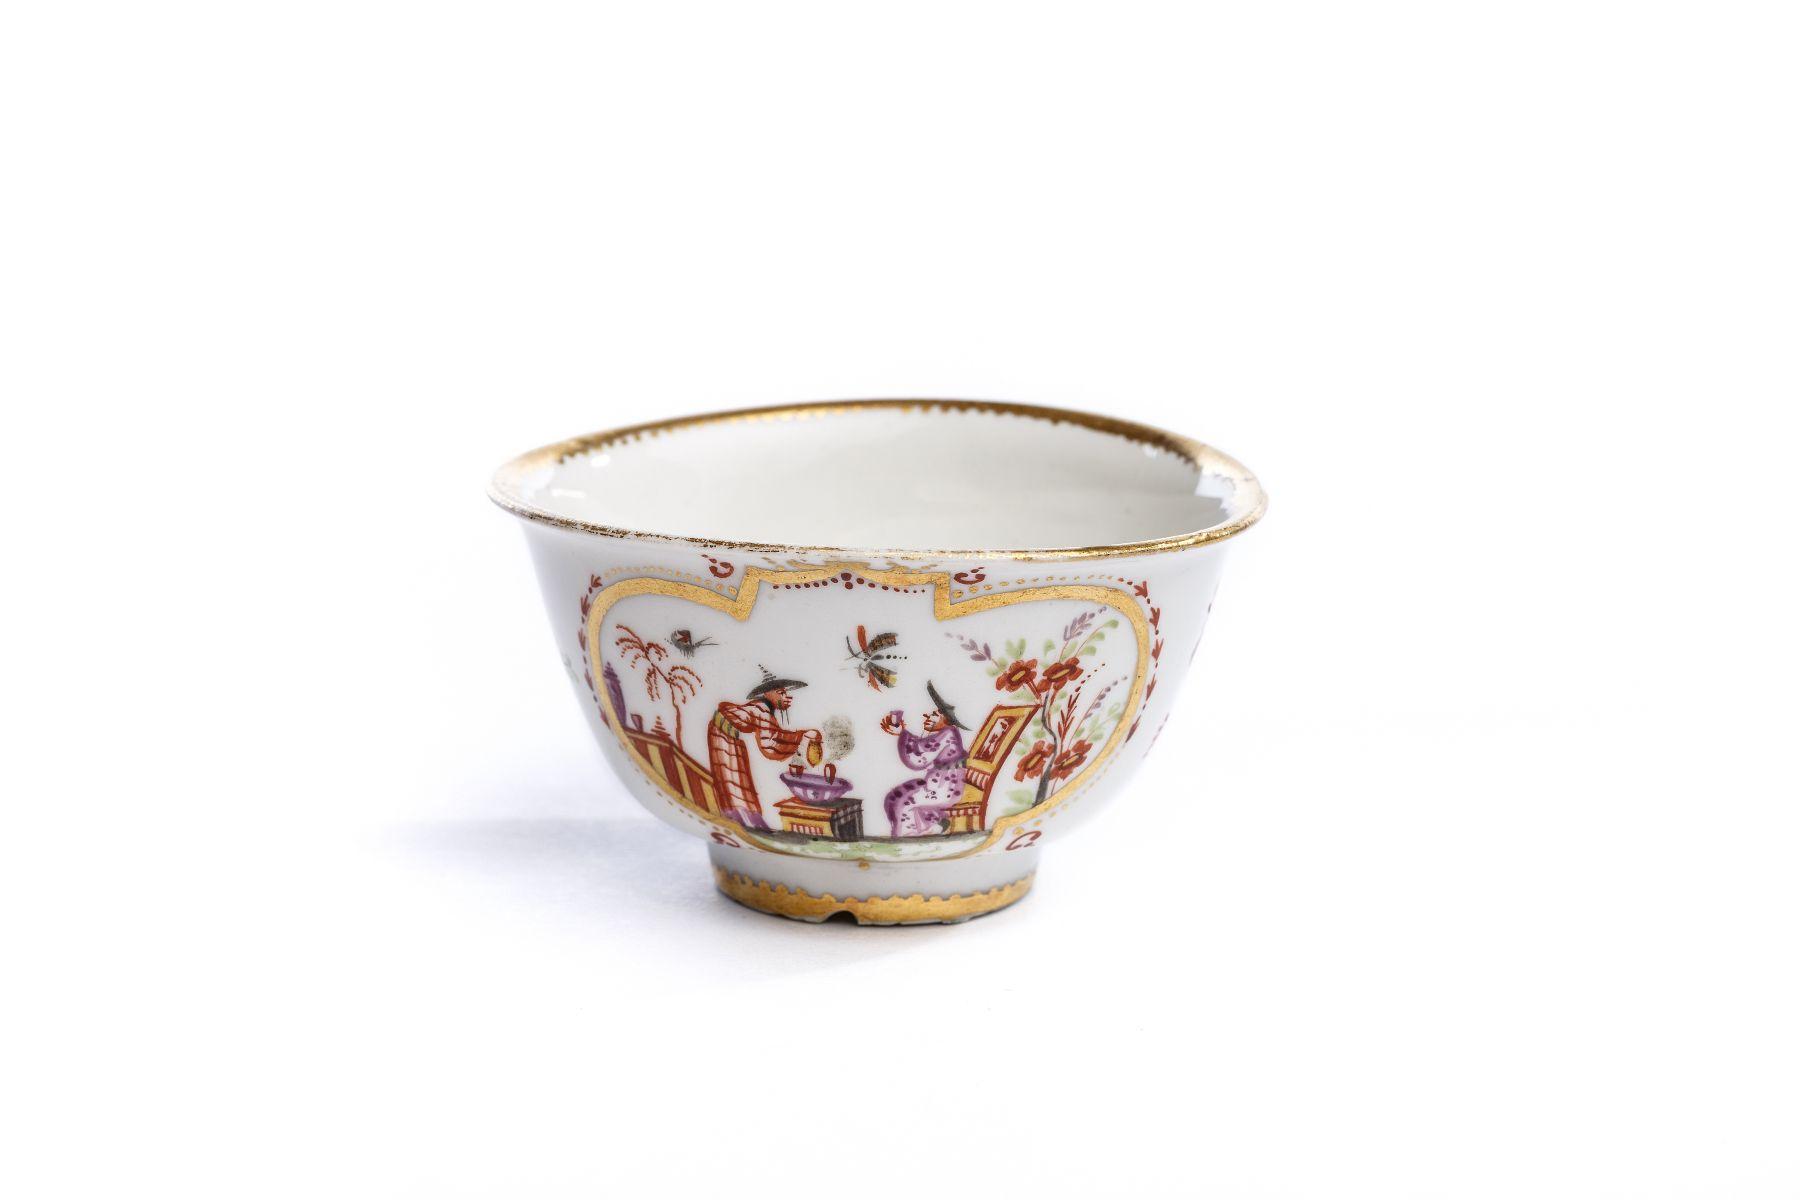 #70 Bowl without saucer, Meissen 1720/25 | Koppchen ohne Unterschale, Meissen 1720/25 Image